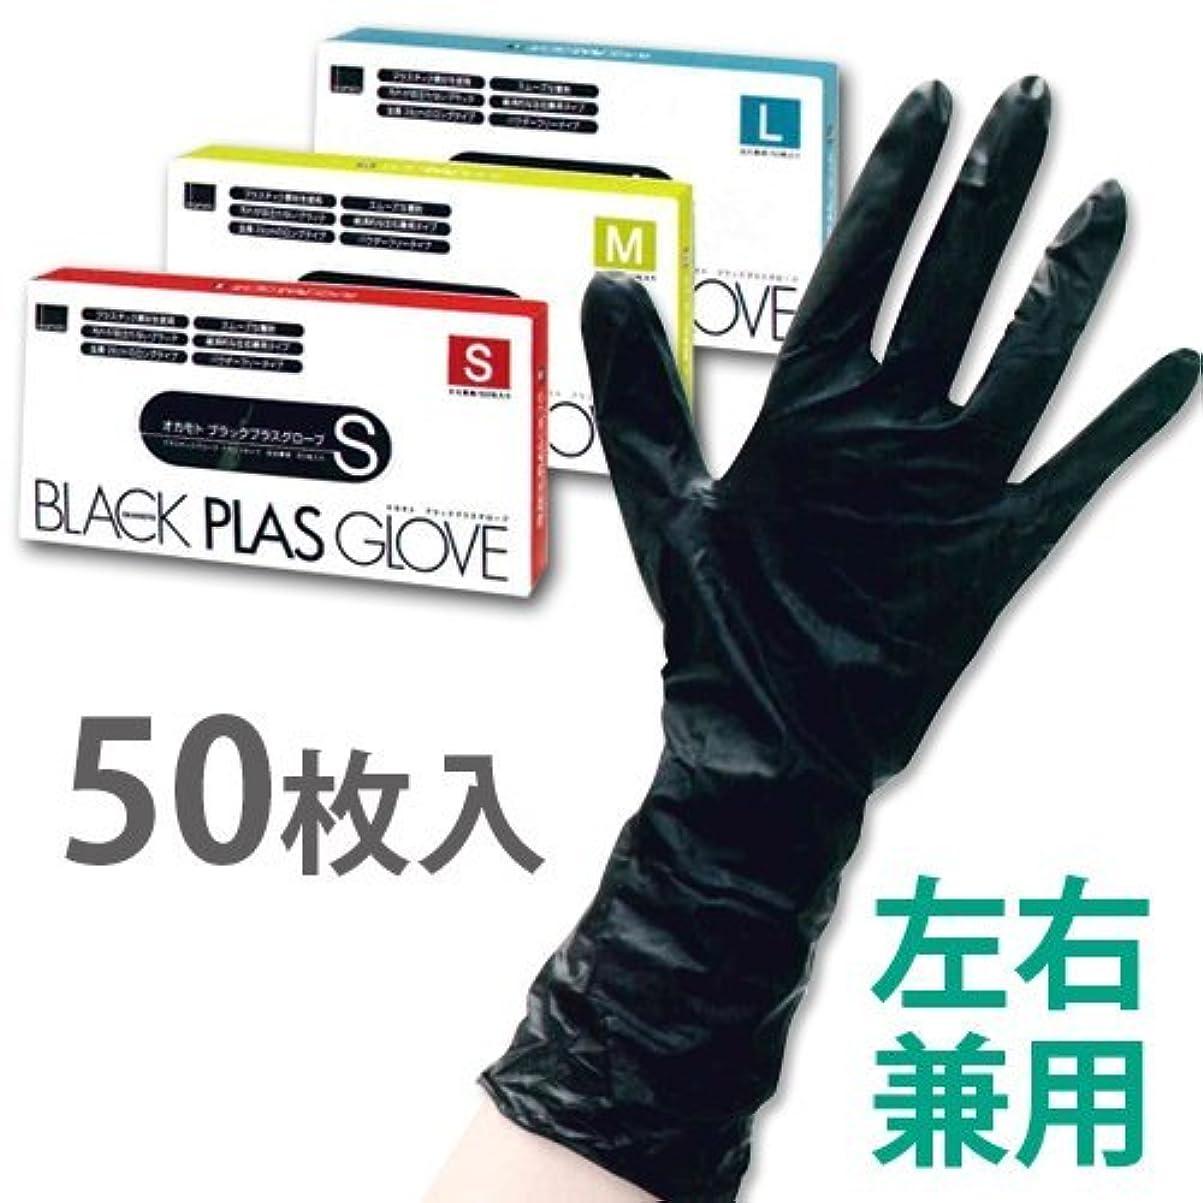 強化するくすぐったいデコードするオカモト ブラックプラスグローブ 左右兼用/50枚入り Lサイズ